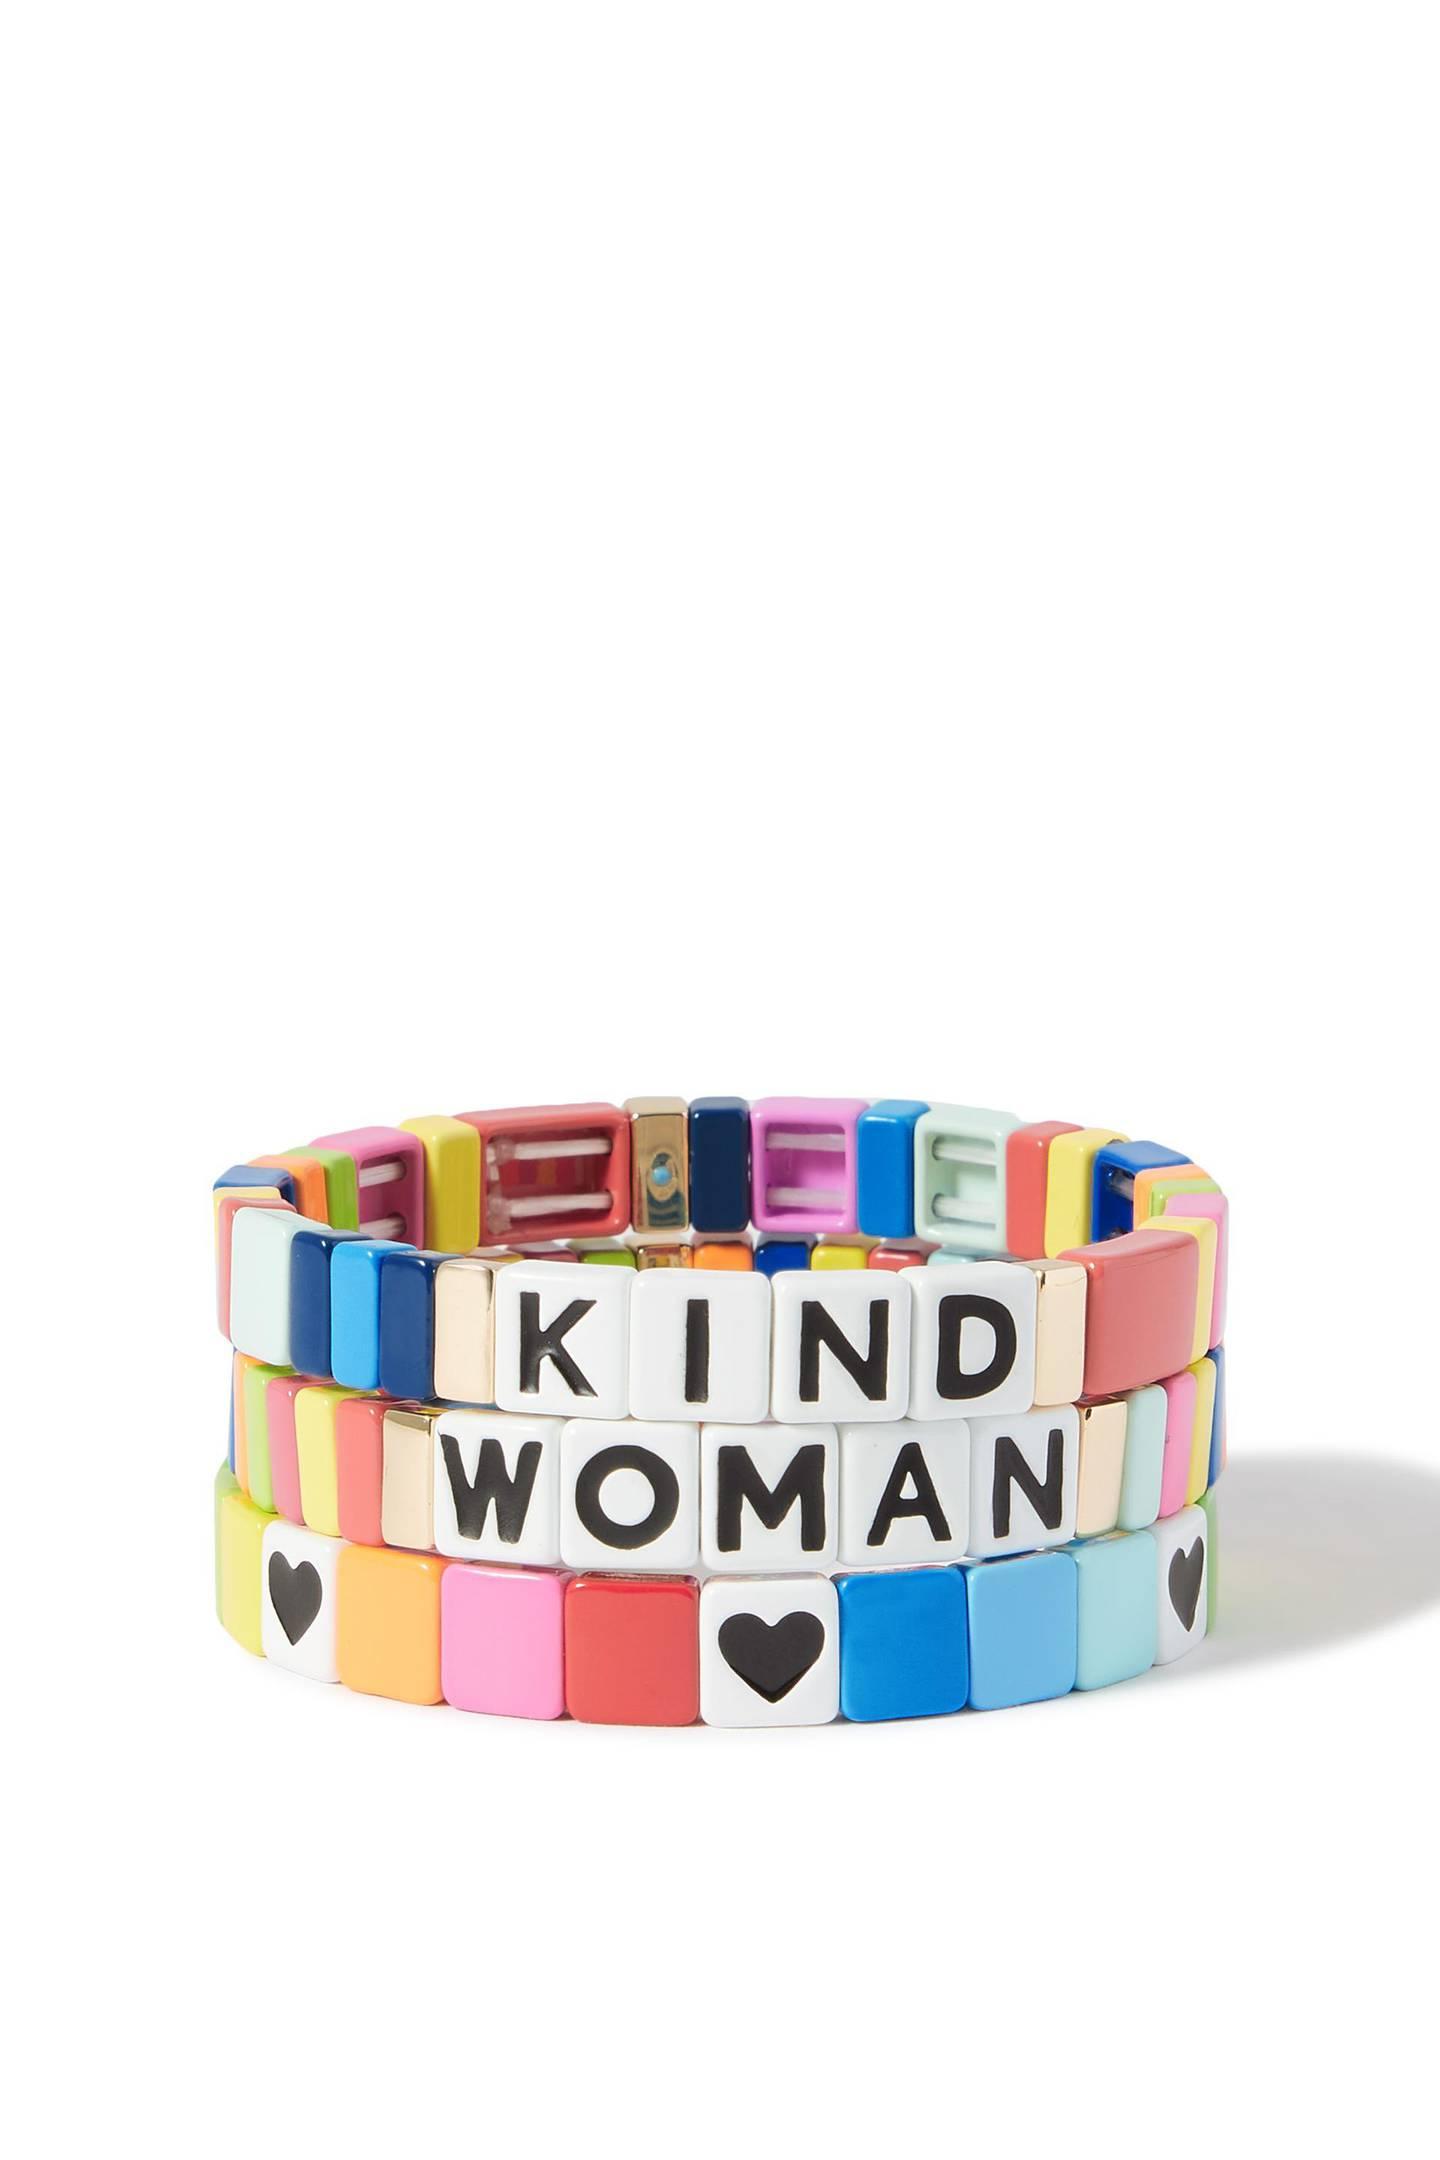 IWD Roxanne Assoulin 'Kind Woman' set of 3 bracelets